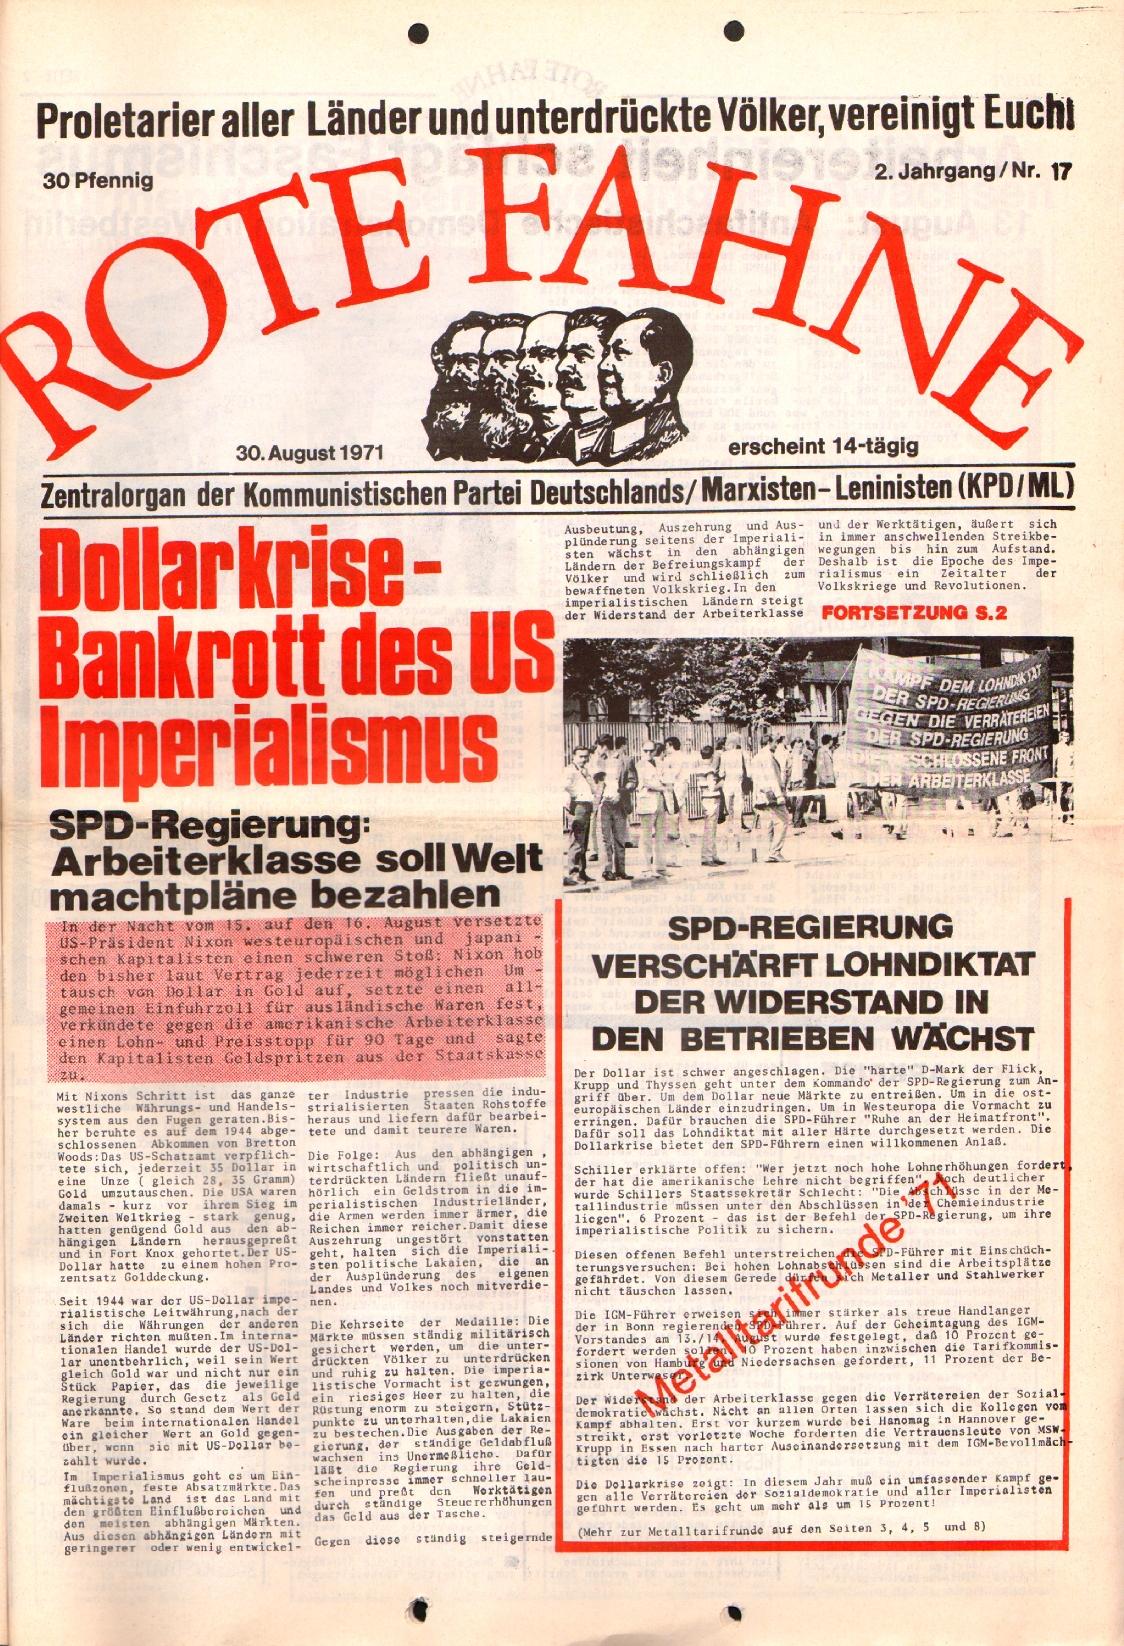 Rote Fahne, 2. Jg., 30.8.1971, Nr. 17, Seite 1